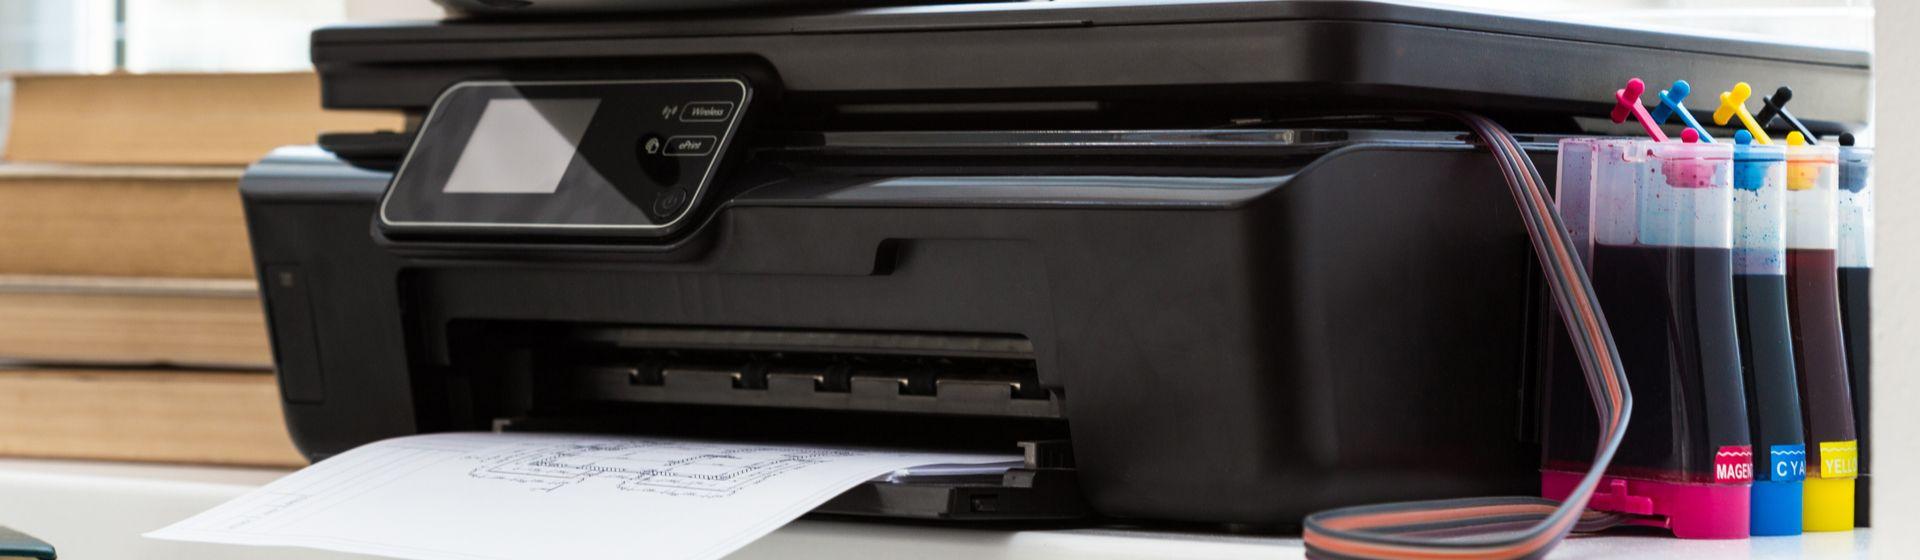 Melhor impressora barata em 2021: 5 modelos para comprar